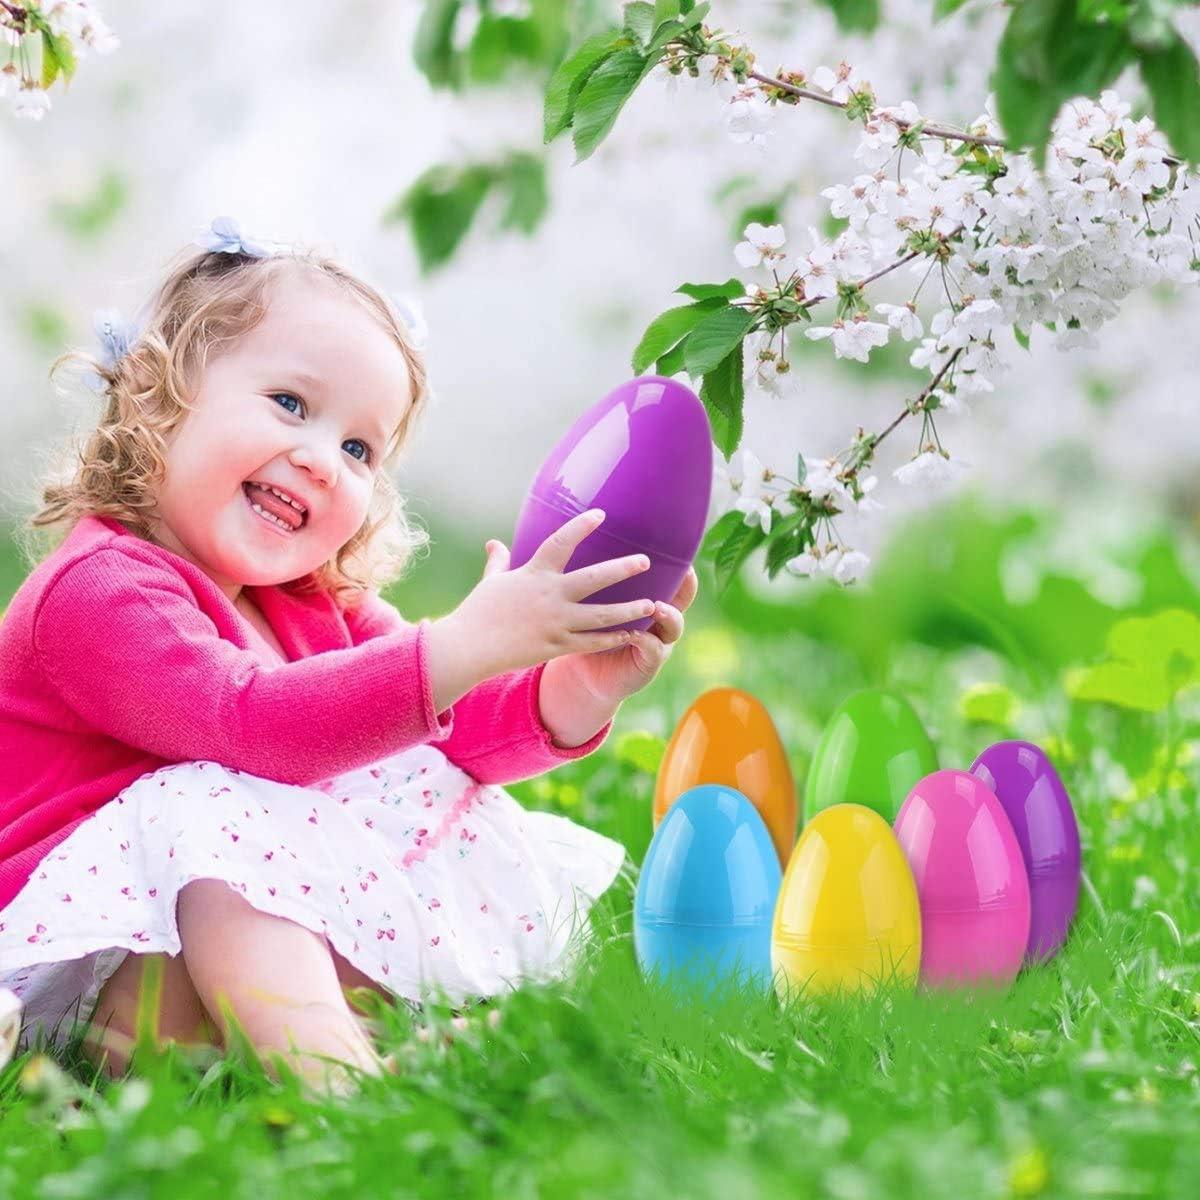 Xin Lot de 24 /œufs de P/âques vides en plastique /à remplir D/écoration de P/âques Pour la chasse aux /œufs de P/âques 6 x 4 cm Cadeaux et bonbons pour enfants